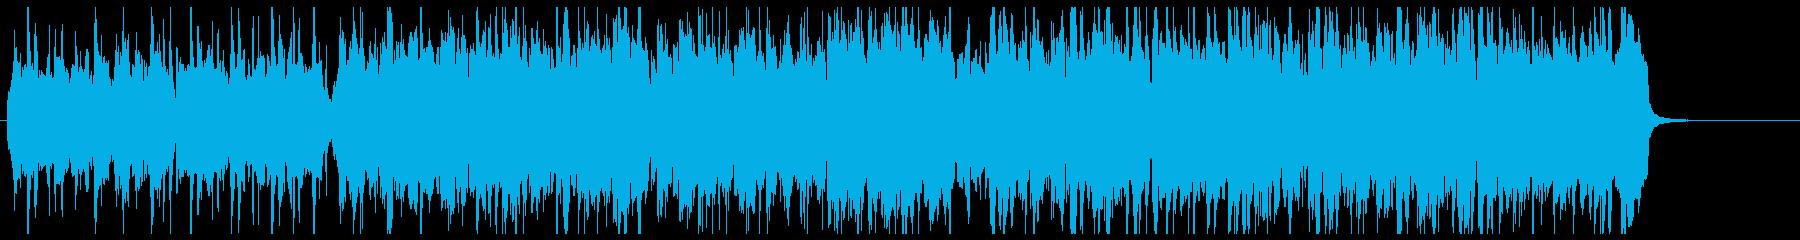 明るく軽快な民族音楽の再生済みの波形